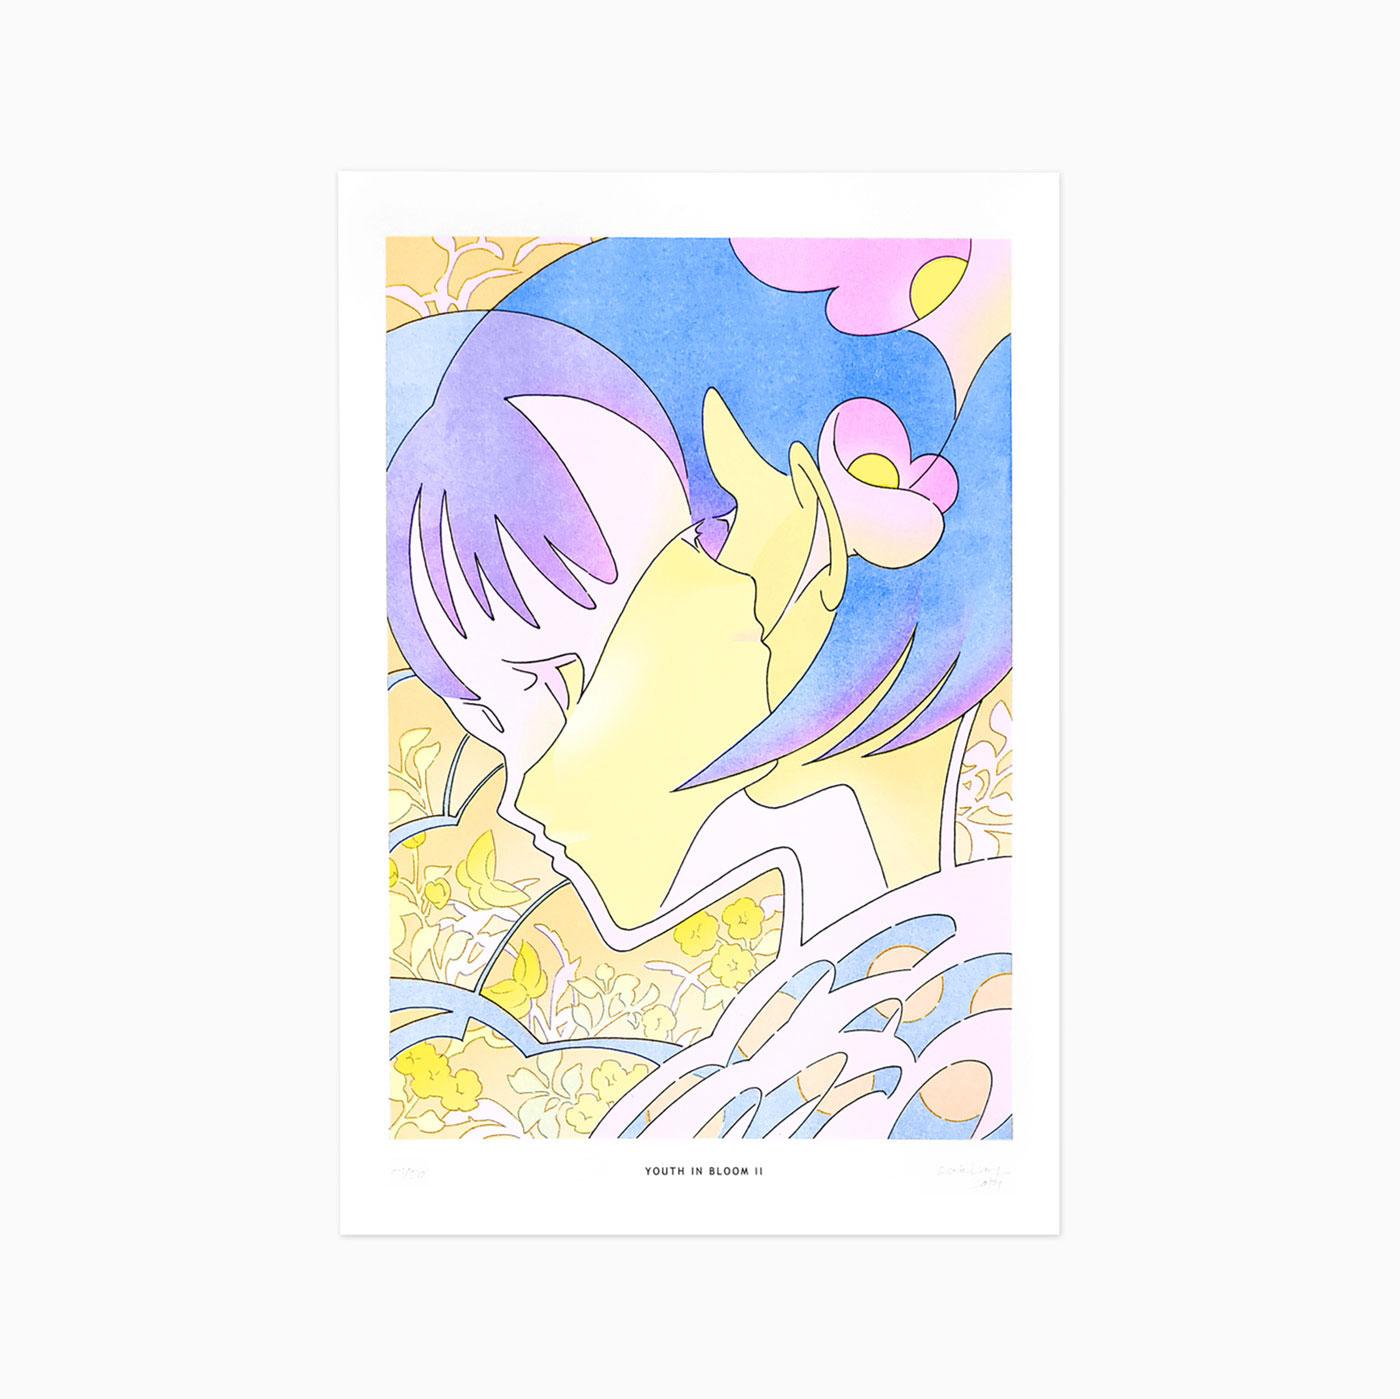 WEB_YIB_riso-02_1400x1400.jpg